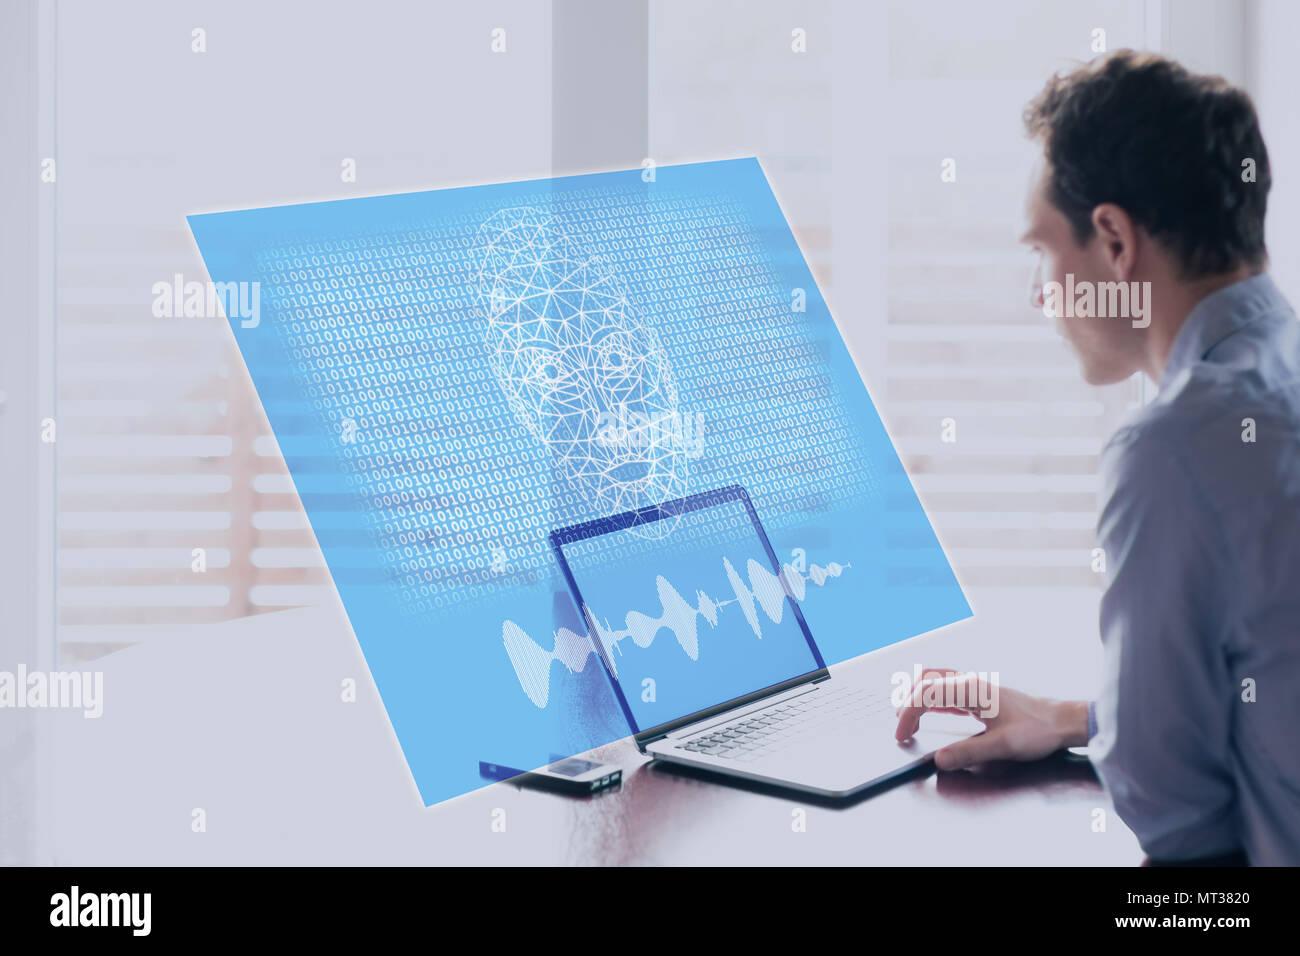 Concepto de Inteligencia Artificial con cara de robot holográfico hablando de derechos en la pantalla de ordenador con código binario, aprendizaje de máquinas y AI riesgos y t Foto de stock